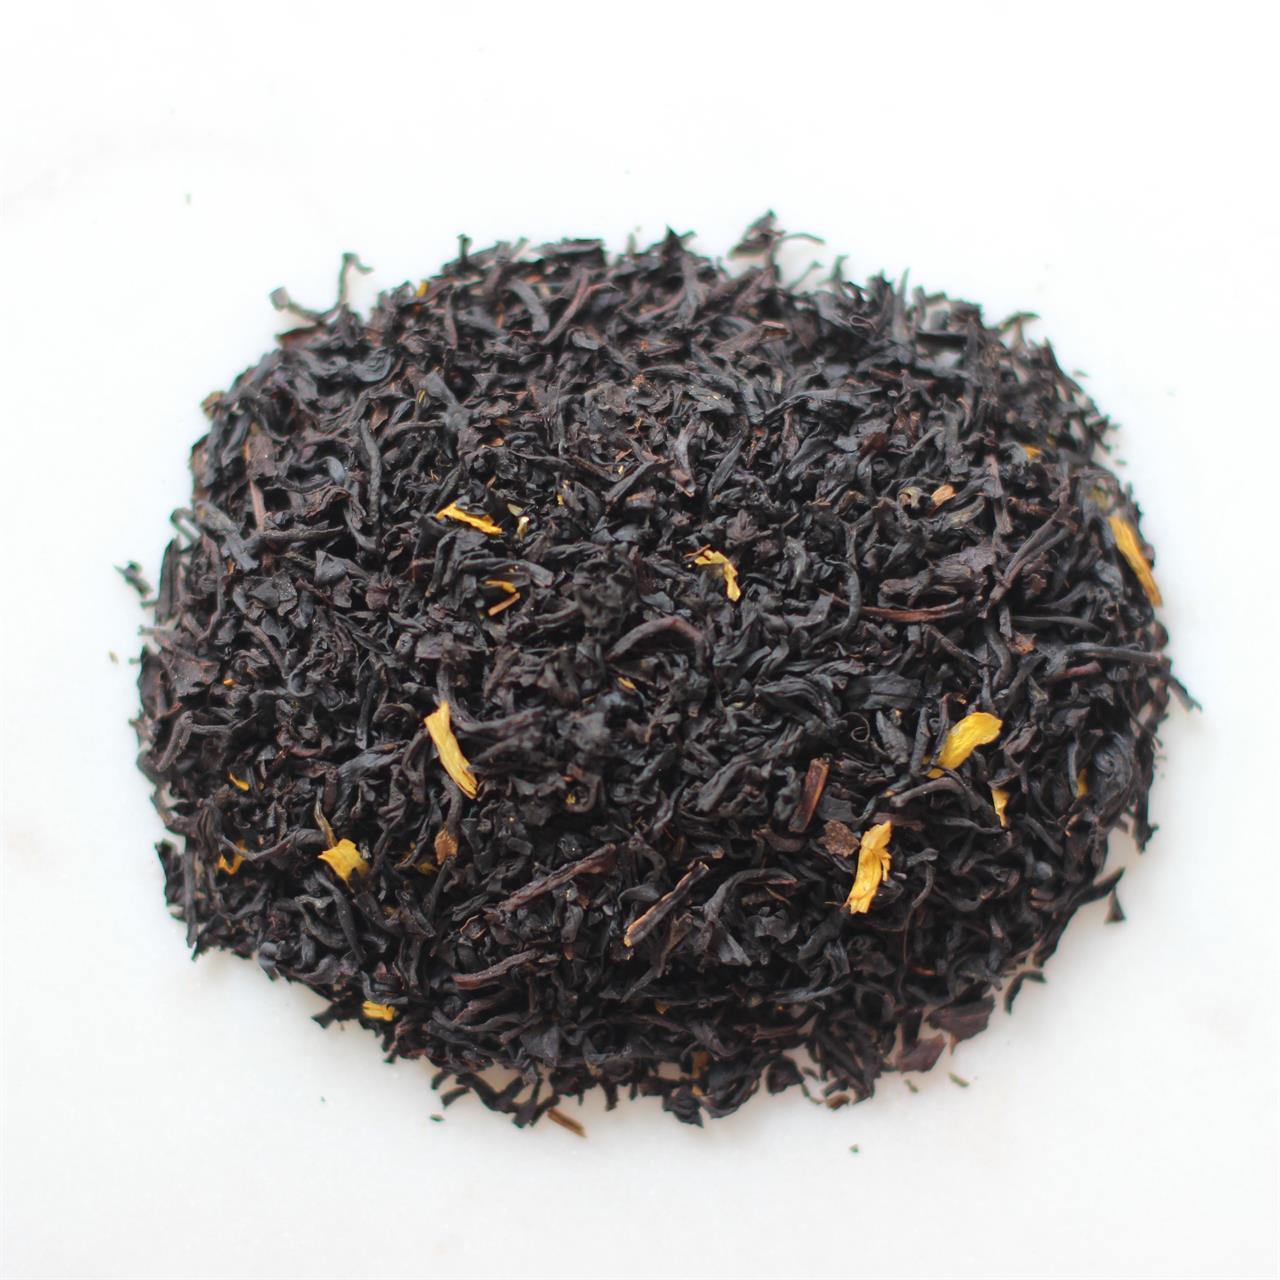 Prova-på-påse svart te